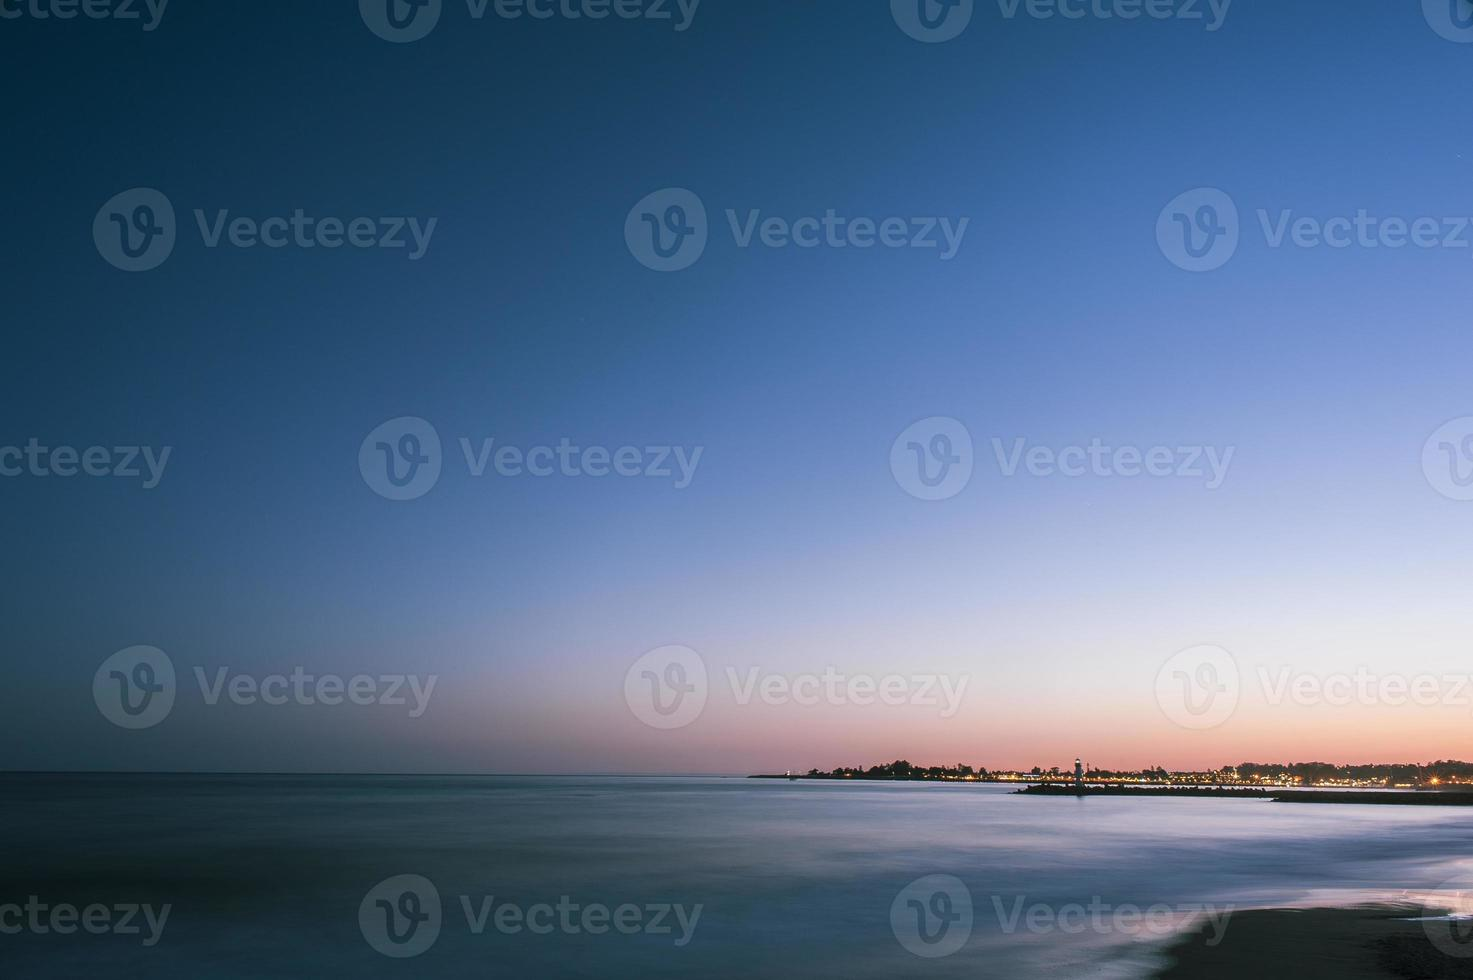 kalifornische Küste bei Nacht foto